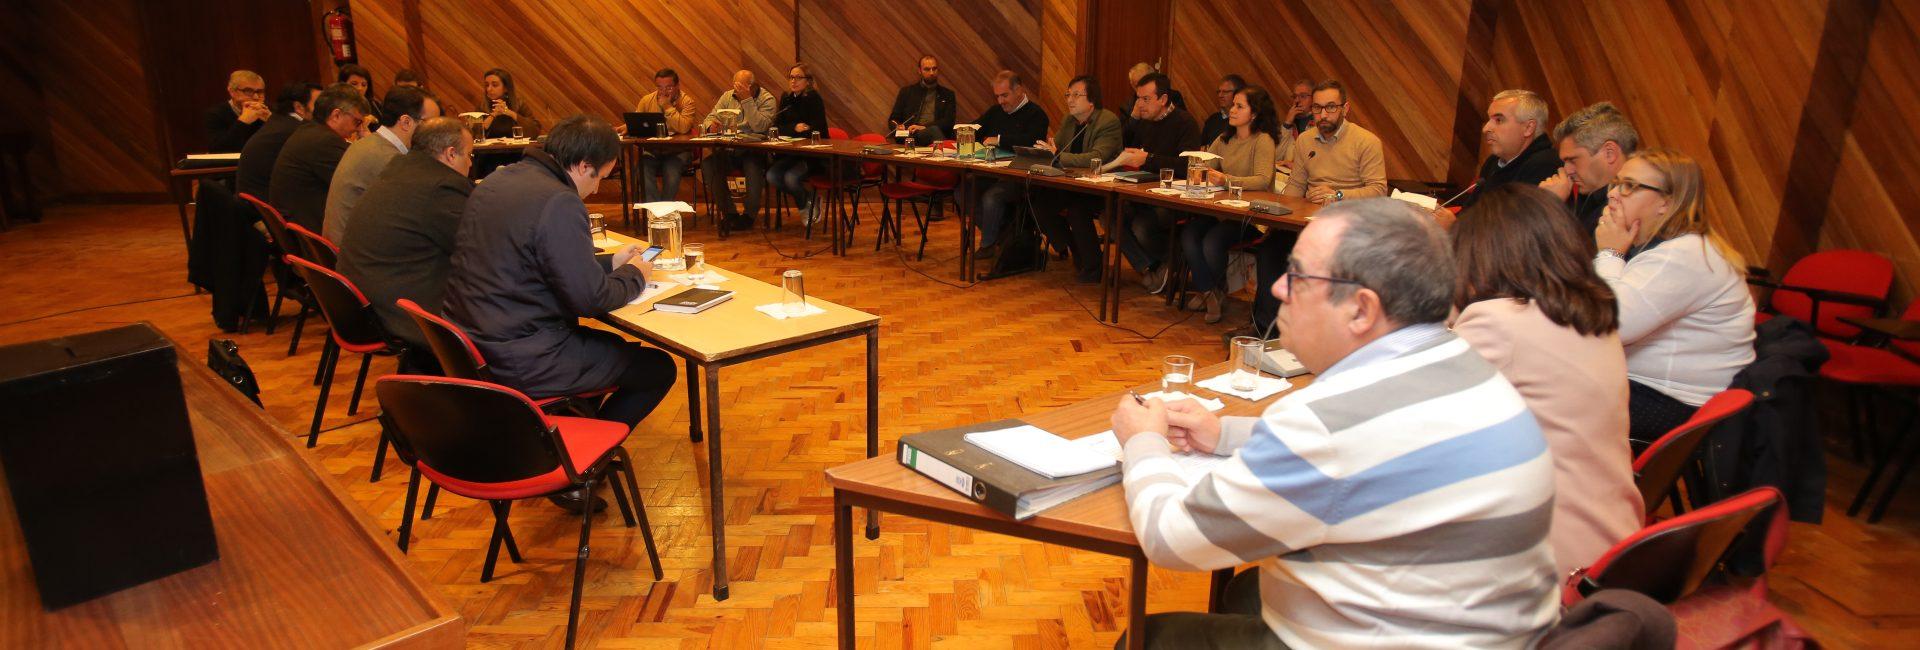 Assembleia Municipal reúne amanhã nas Levegadas